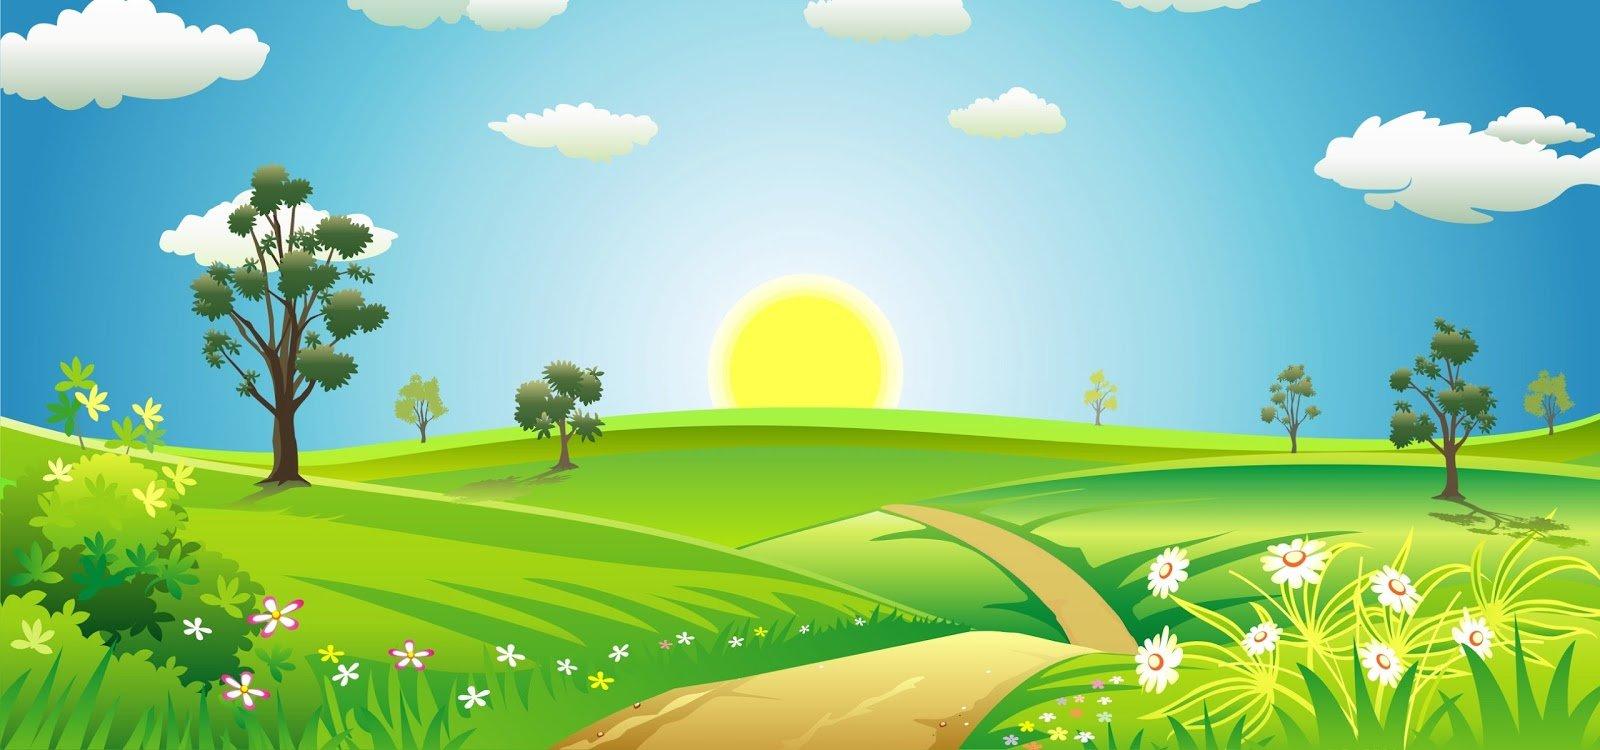 фото картинка фон лесная поляна яковлева растрогала